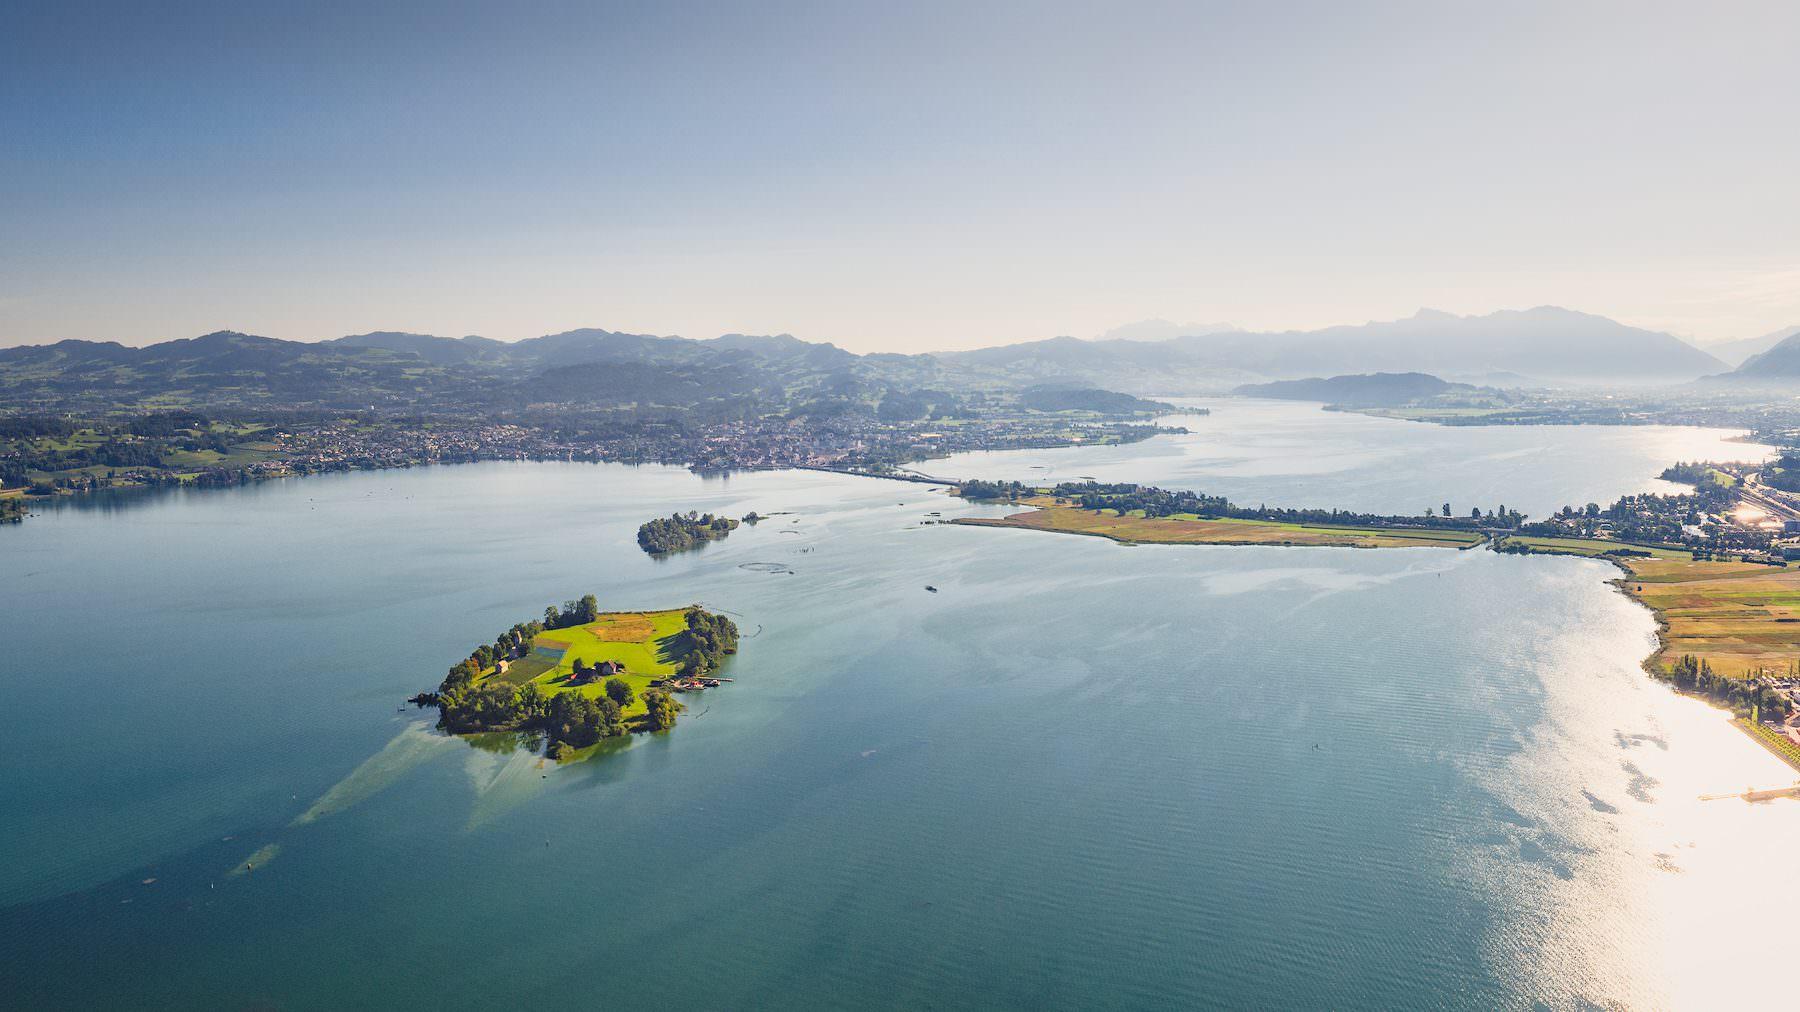 Luftaufnahme mit Drohne: Zürichsee, Lützelau, Ufenau, Damm, Obersee, Rapperswil, Pfäffikon